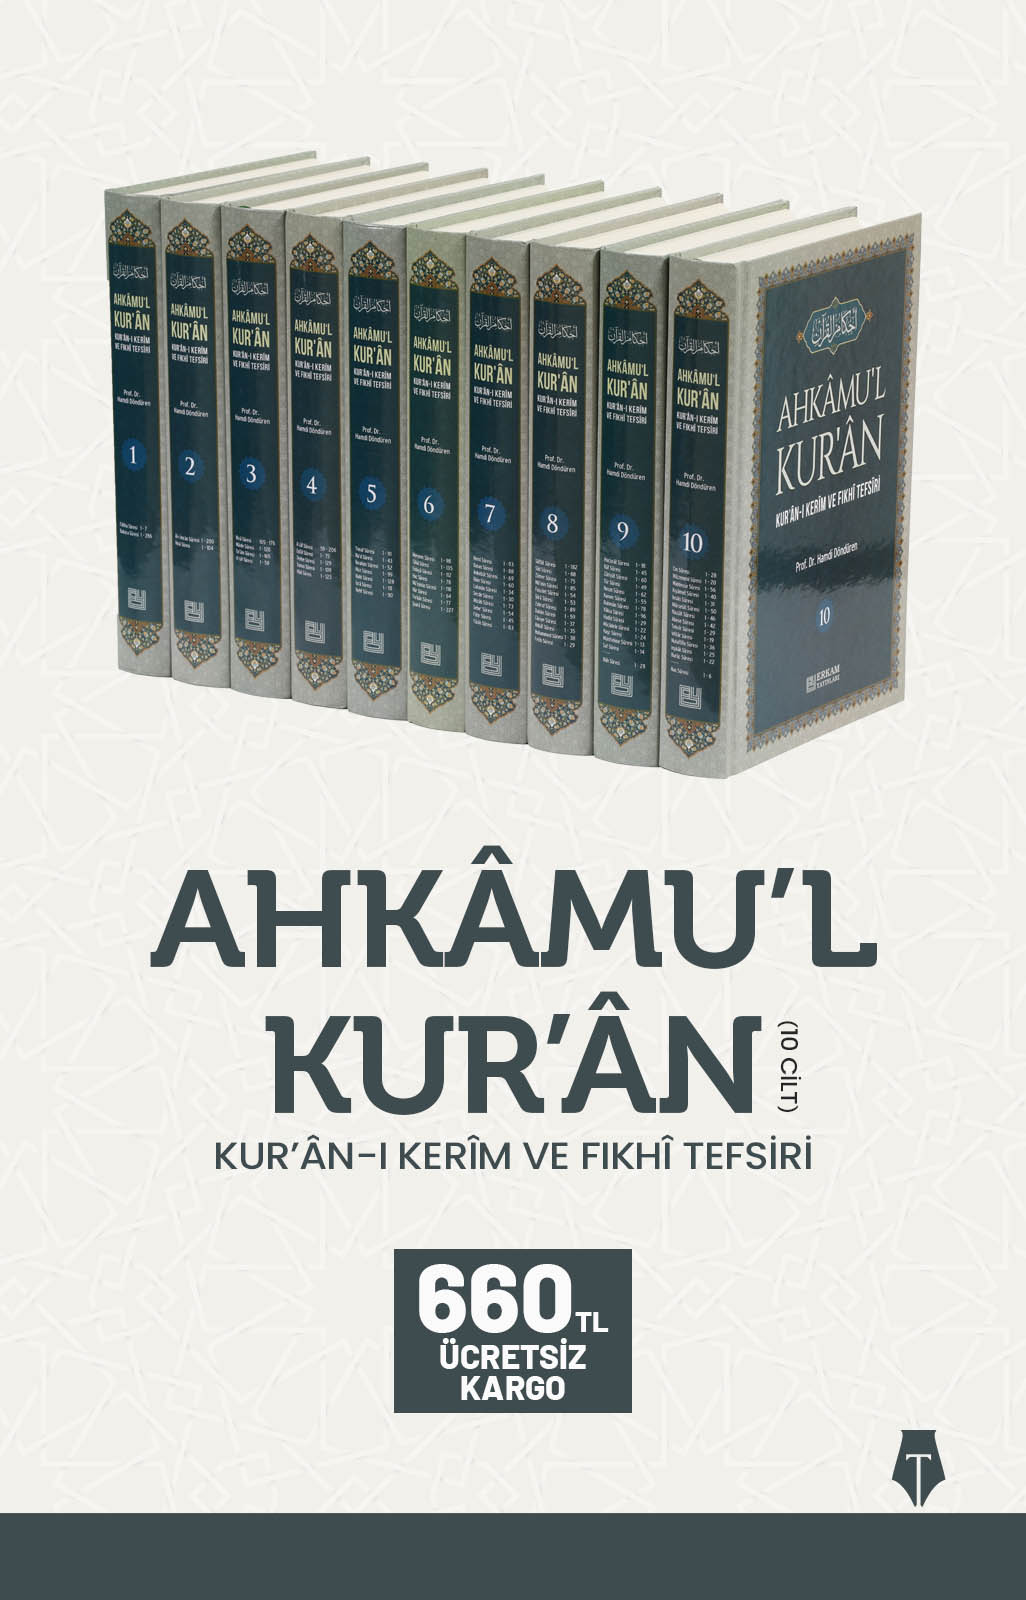 AHKAMU'L KUR'AN KUR'AN-I KERİM VE FIKHİ TEFSİRİ